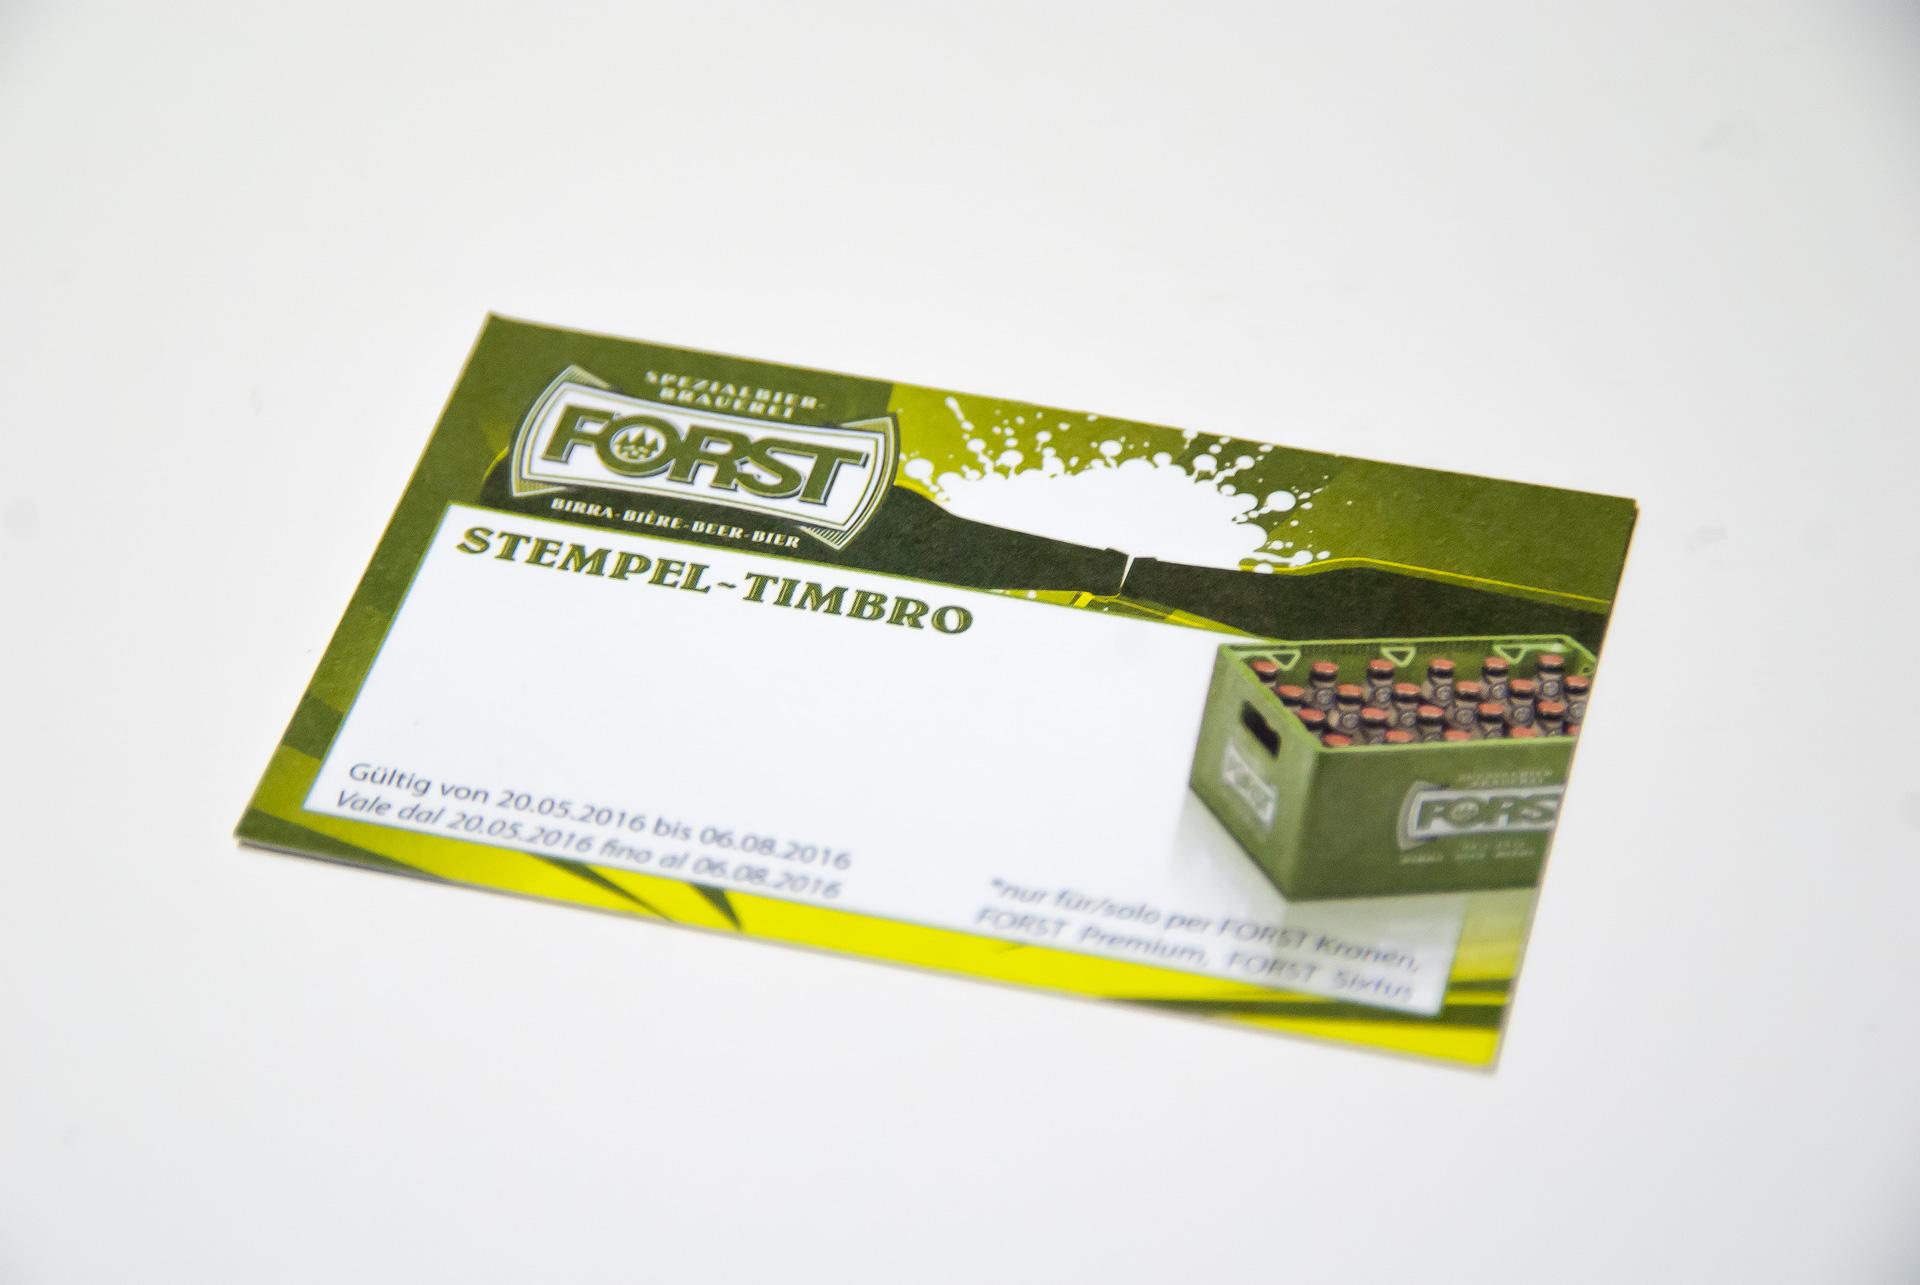 Stempelkarte Forst